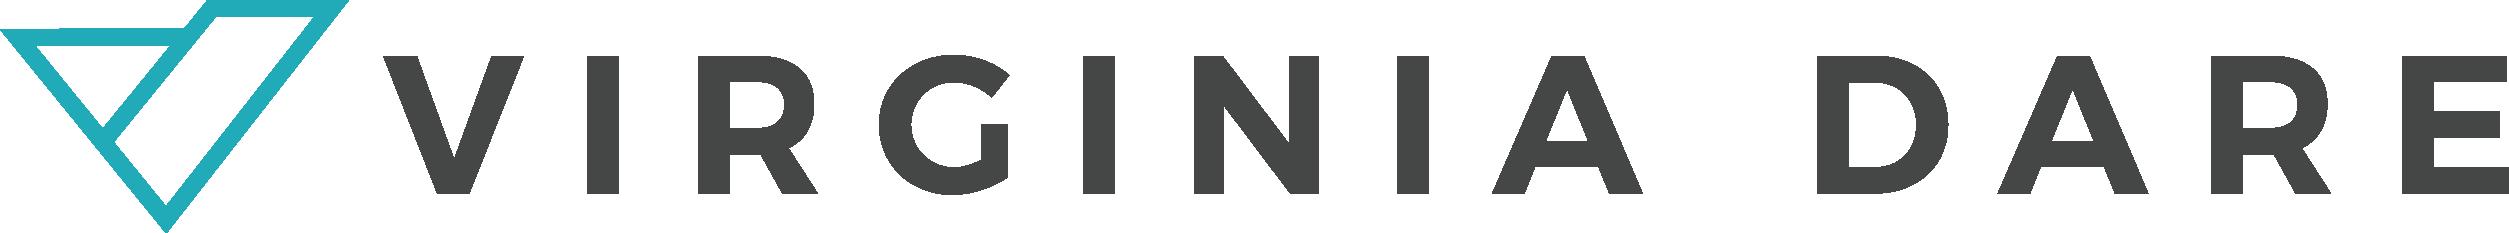 virginia-dare-logo